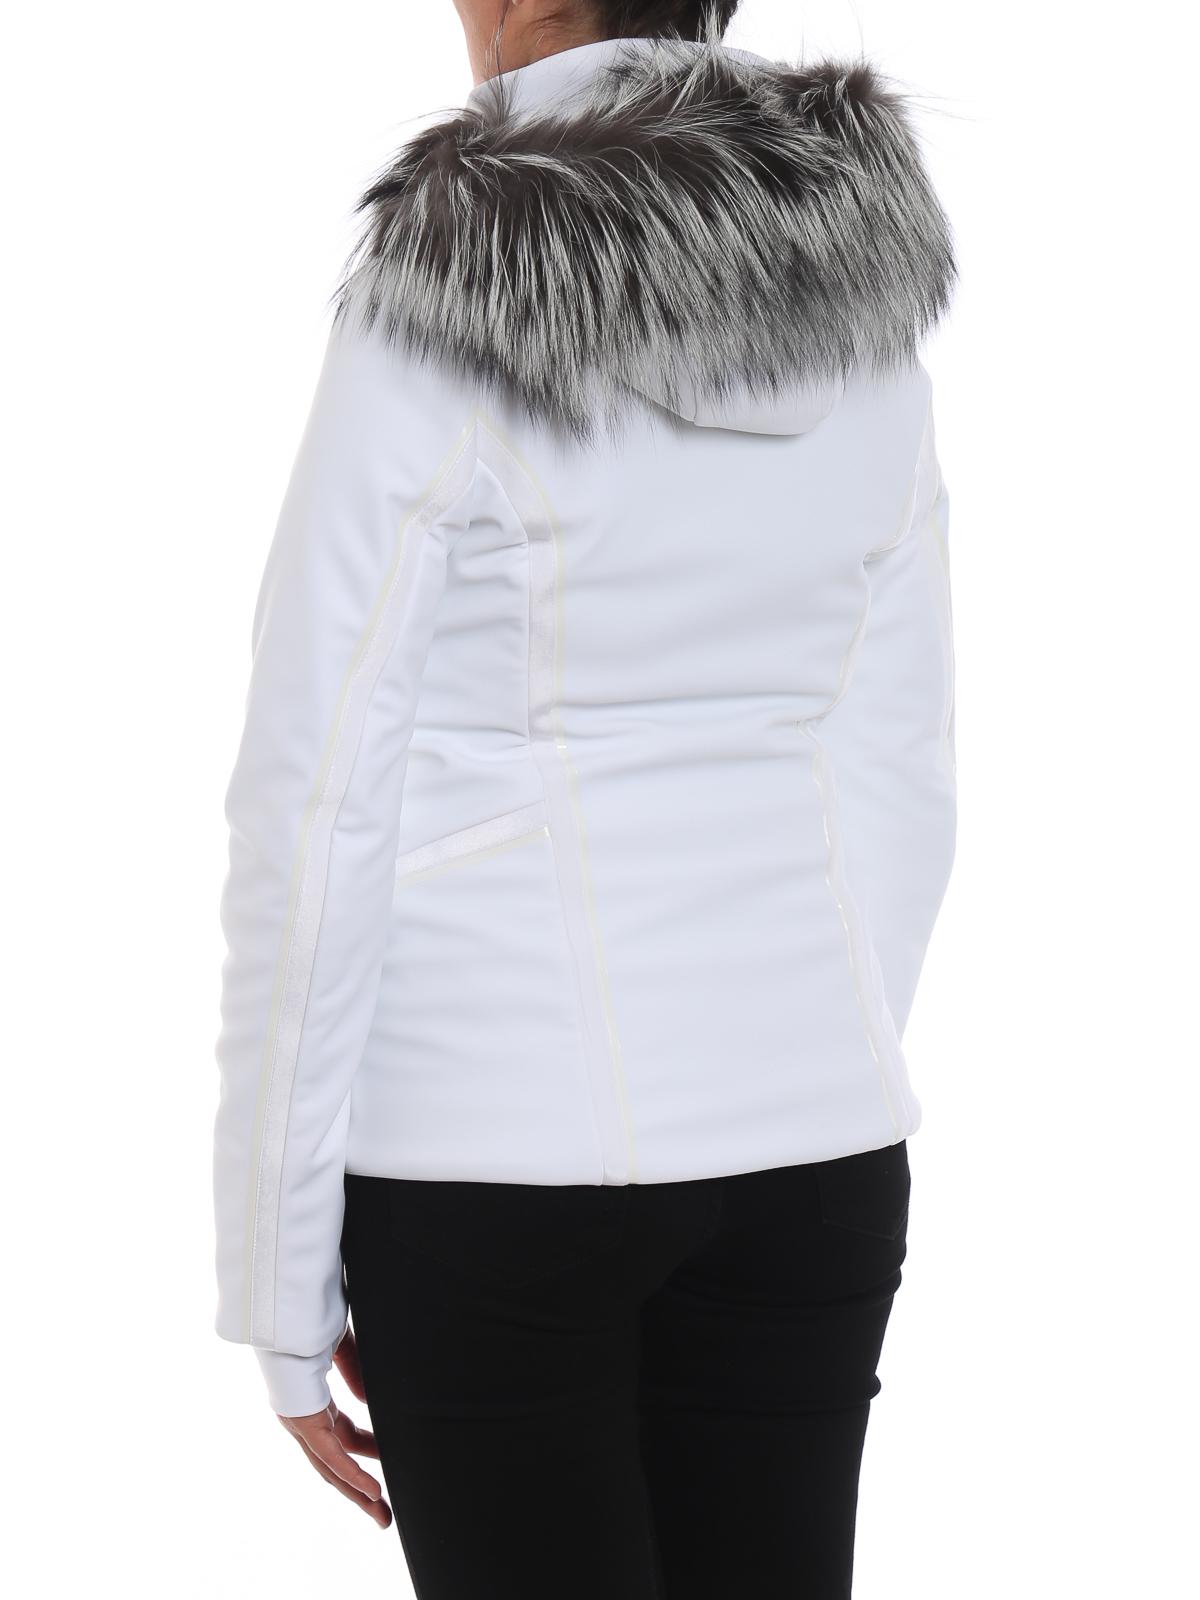 Fendi - Hi-tech ski jacket with fox fur inserts - padded jackets ... 15daec565